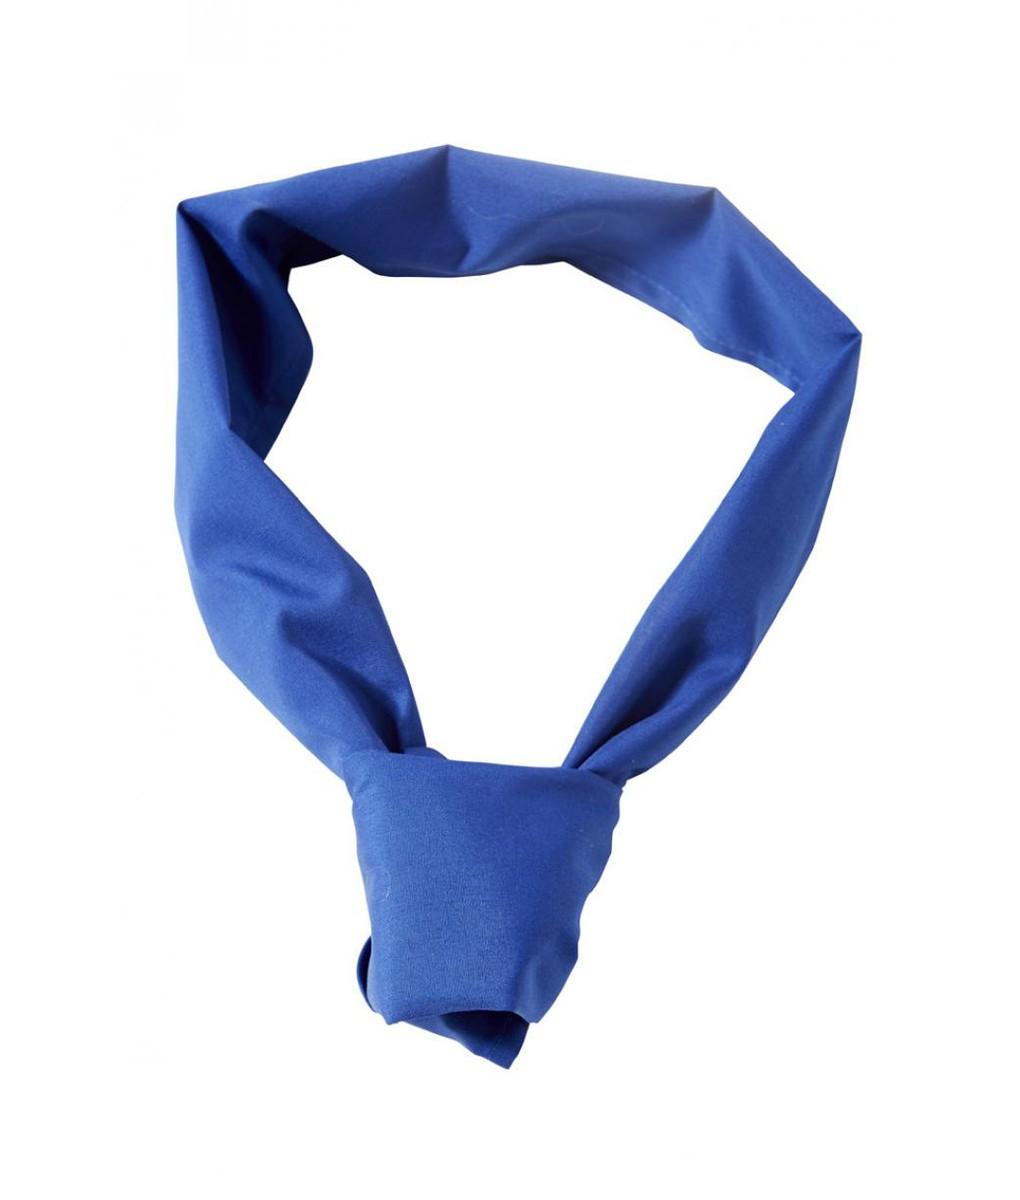 Neckerchief Colour Accessories 3